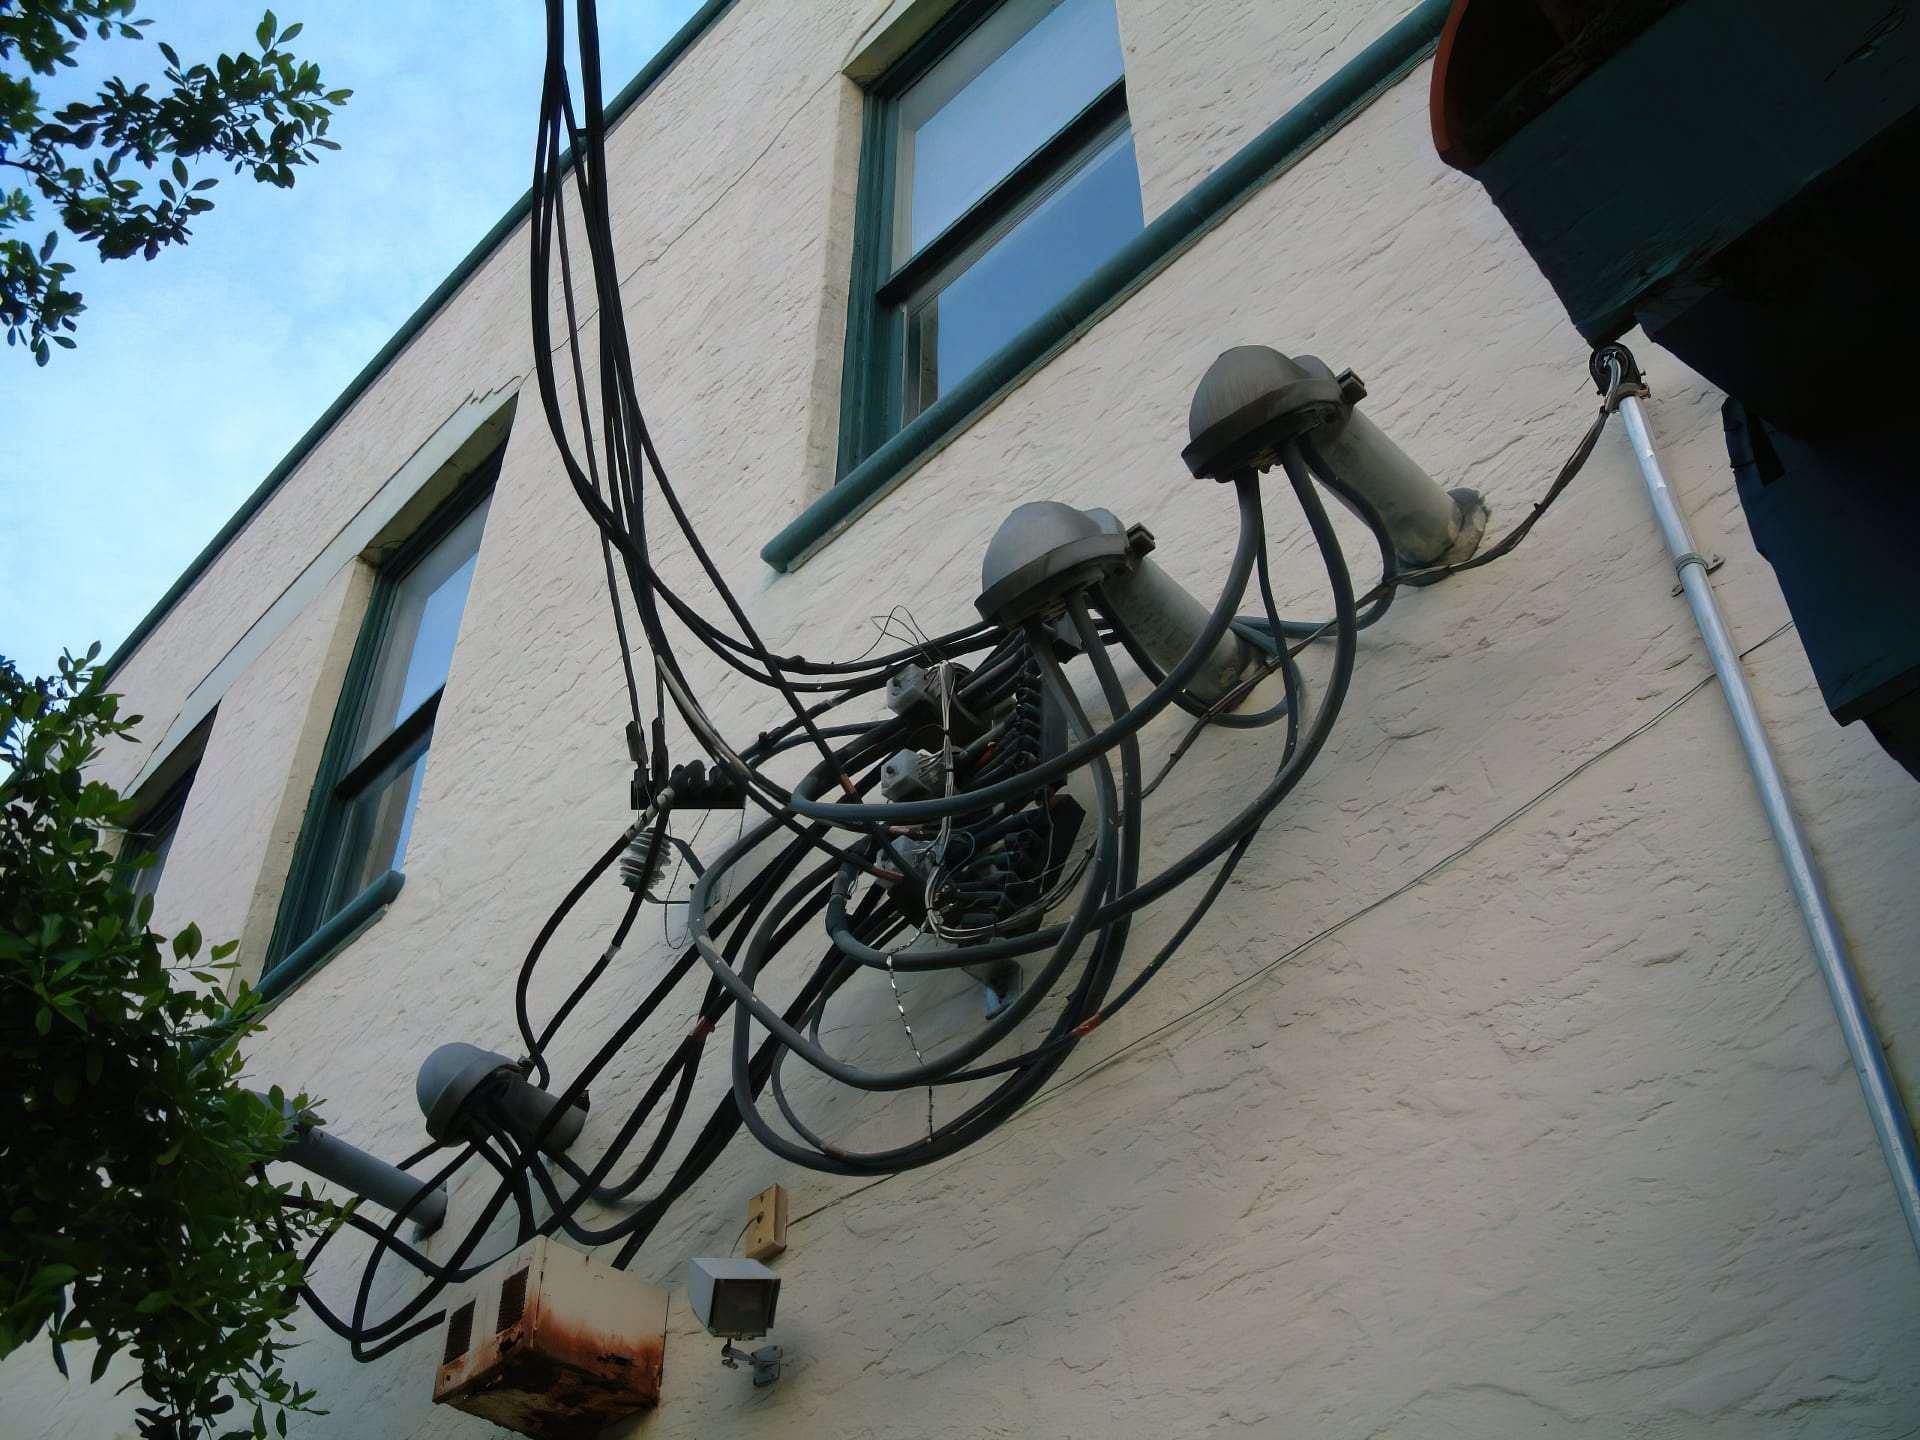 Haphazard wires